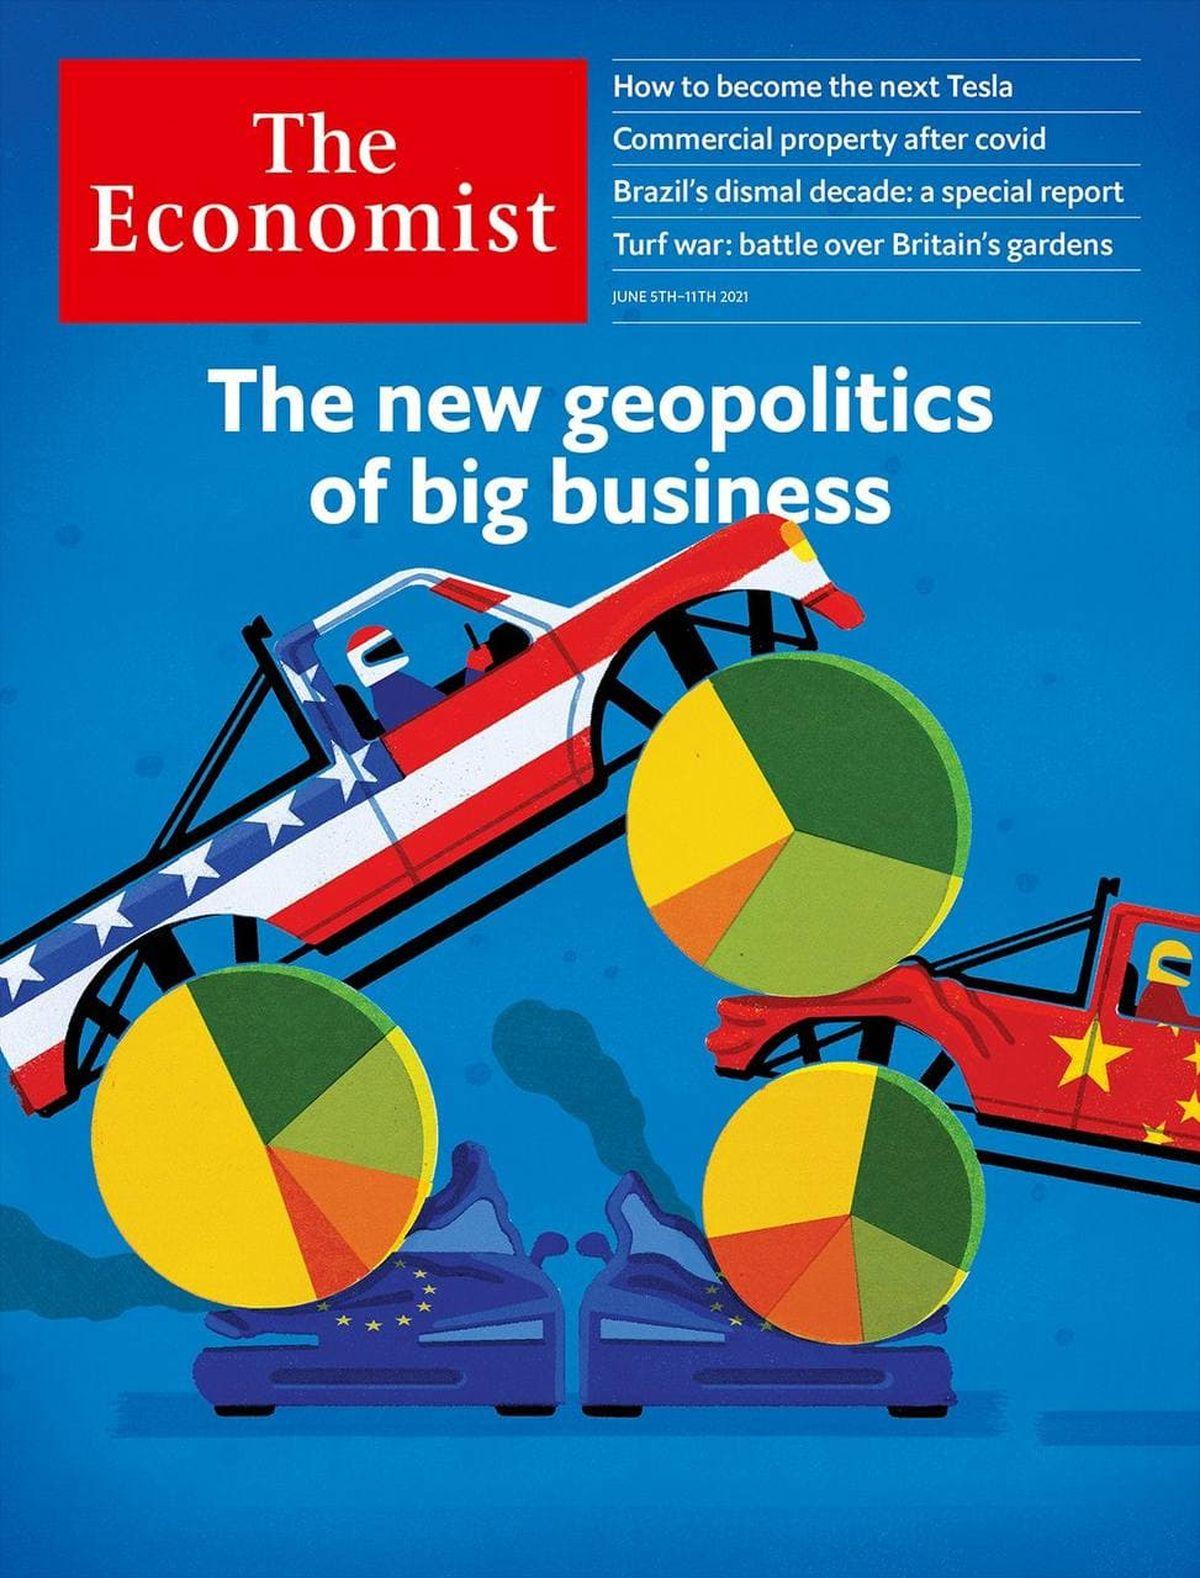 ژئوپولیتیک جدید تجارت جهانی